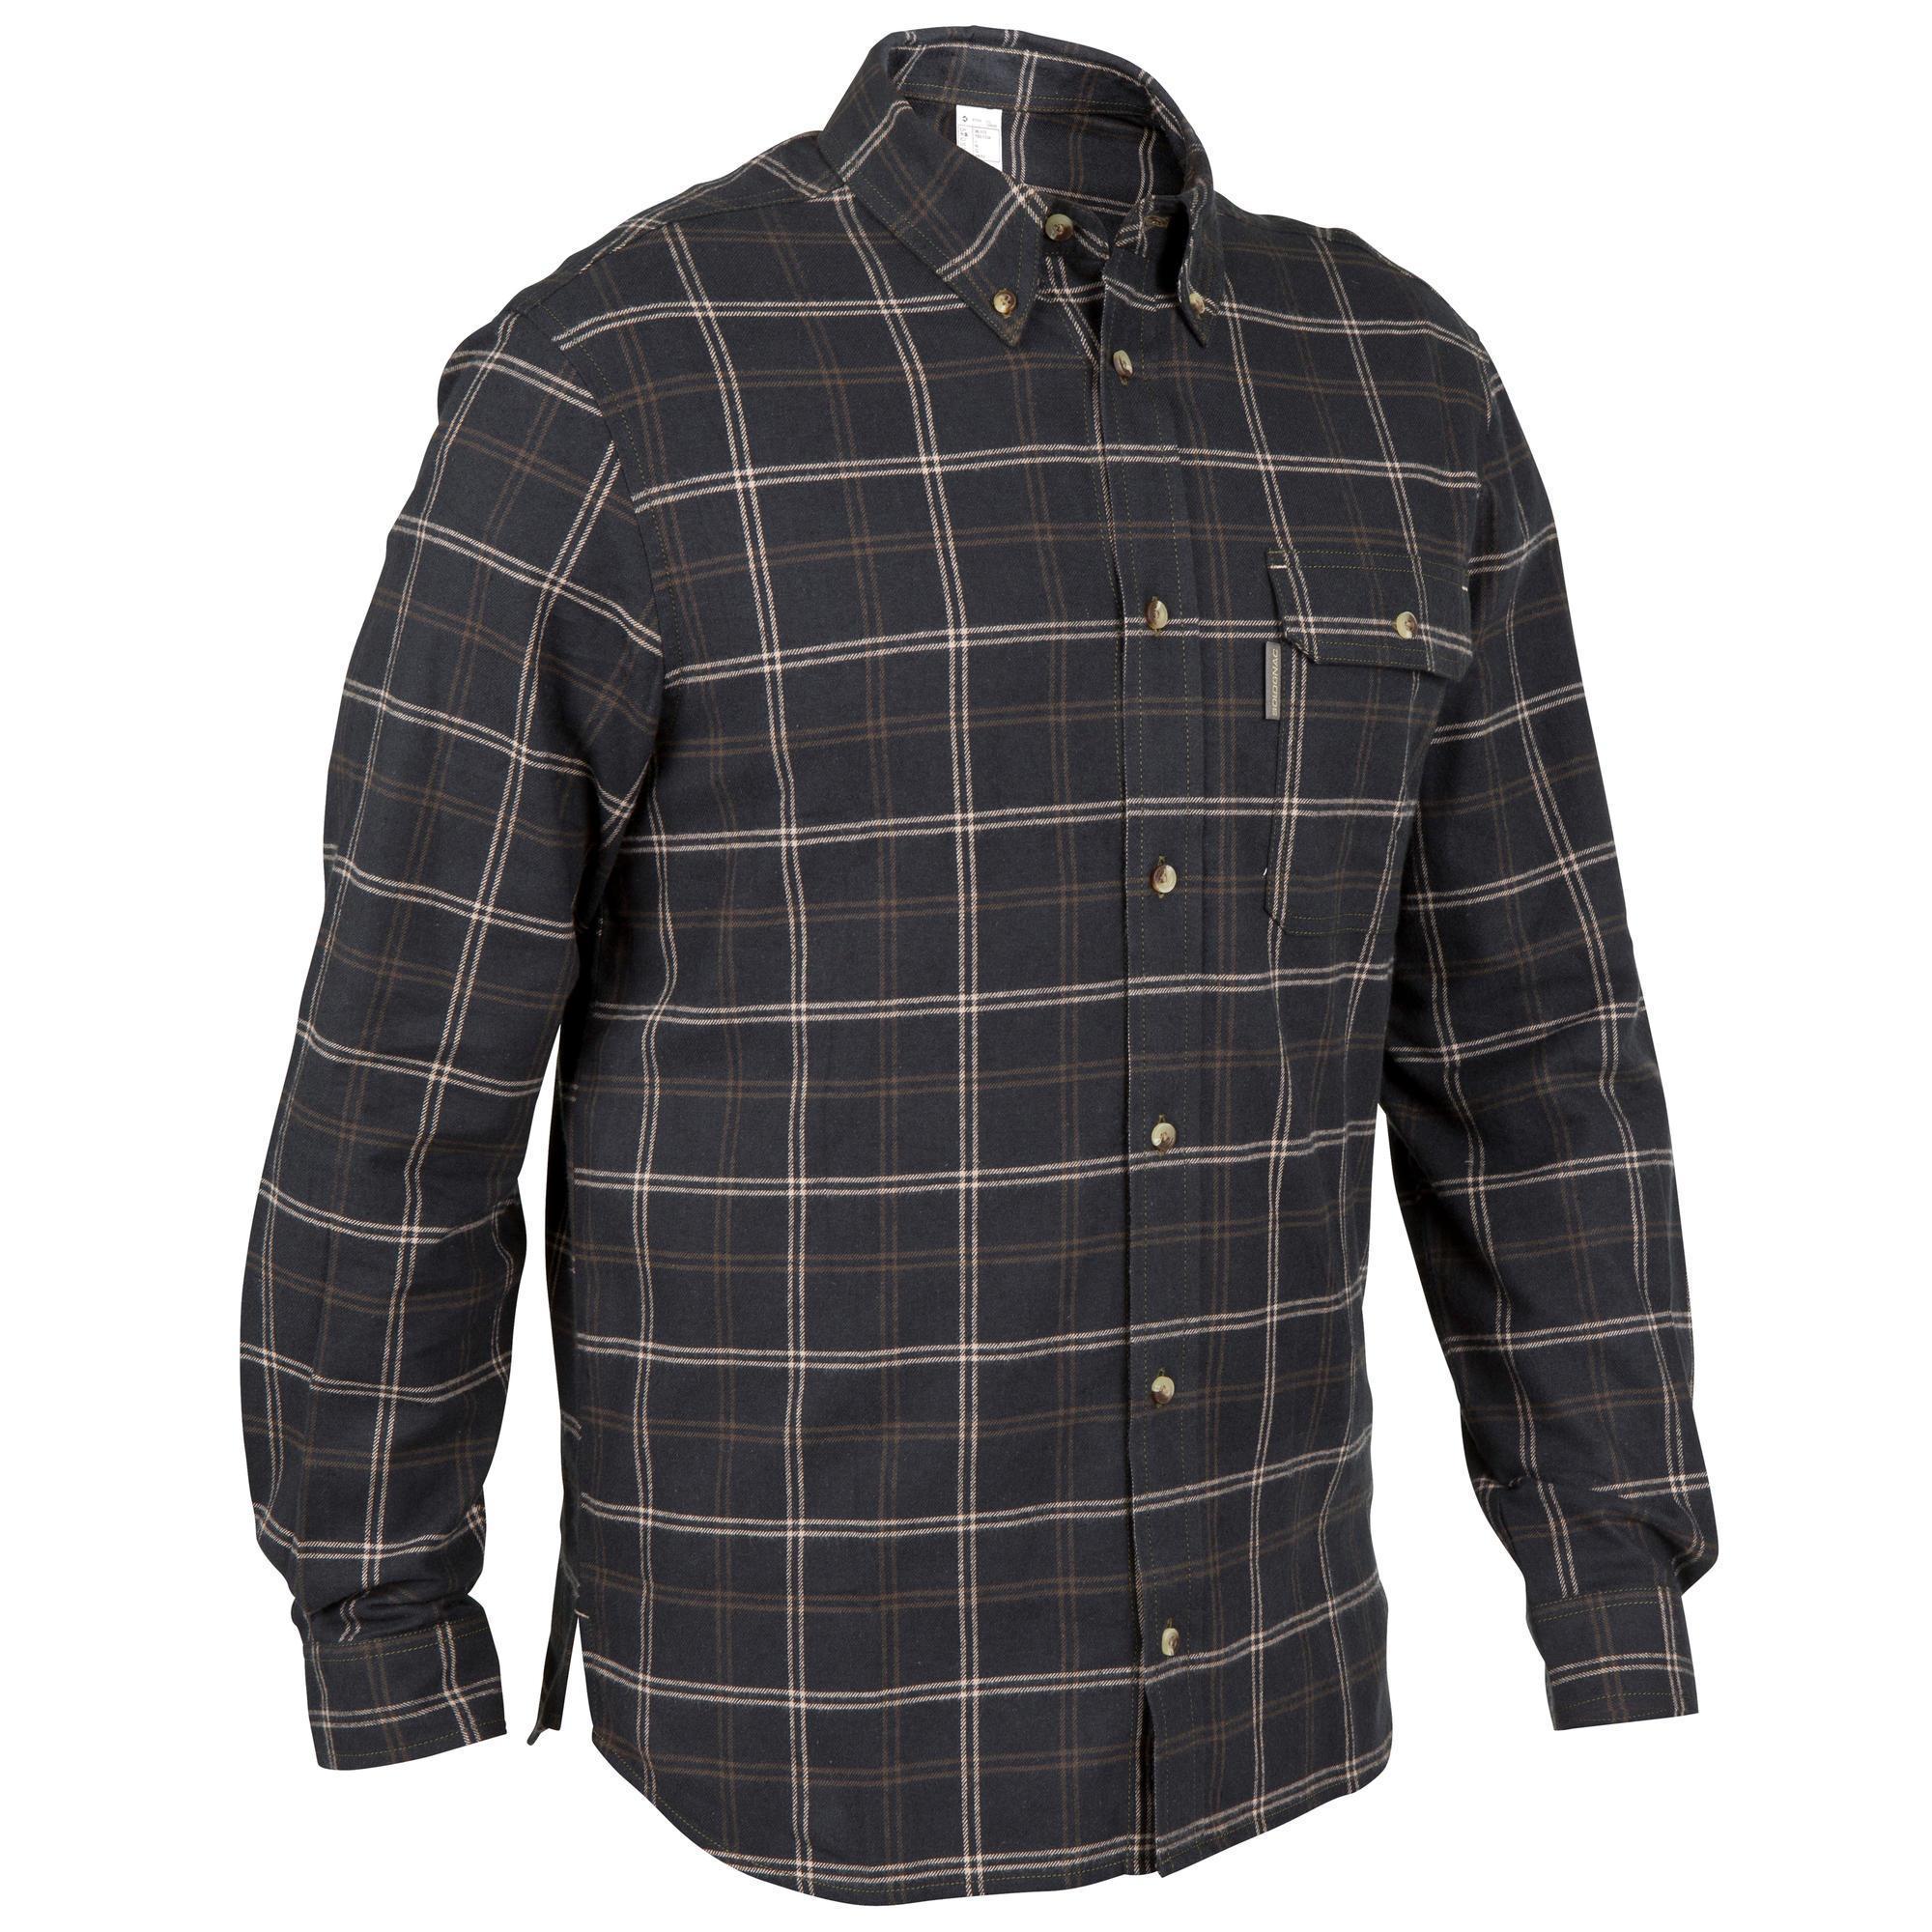 Solognac Overhemd 100 met lange mouwen voor de jacht